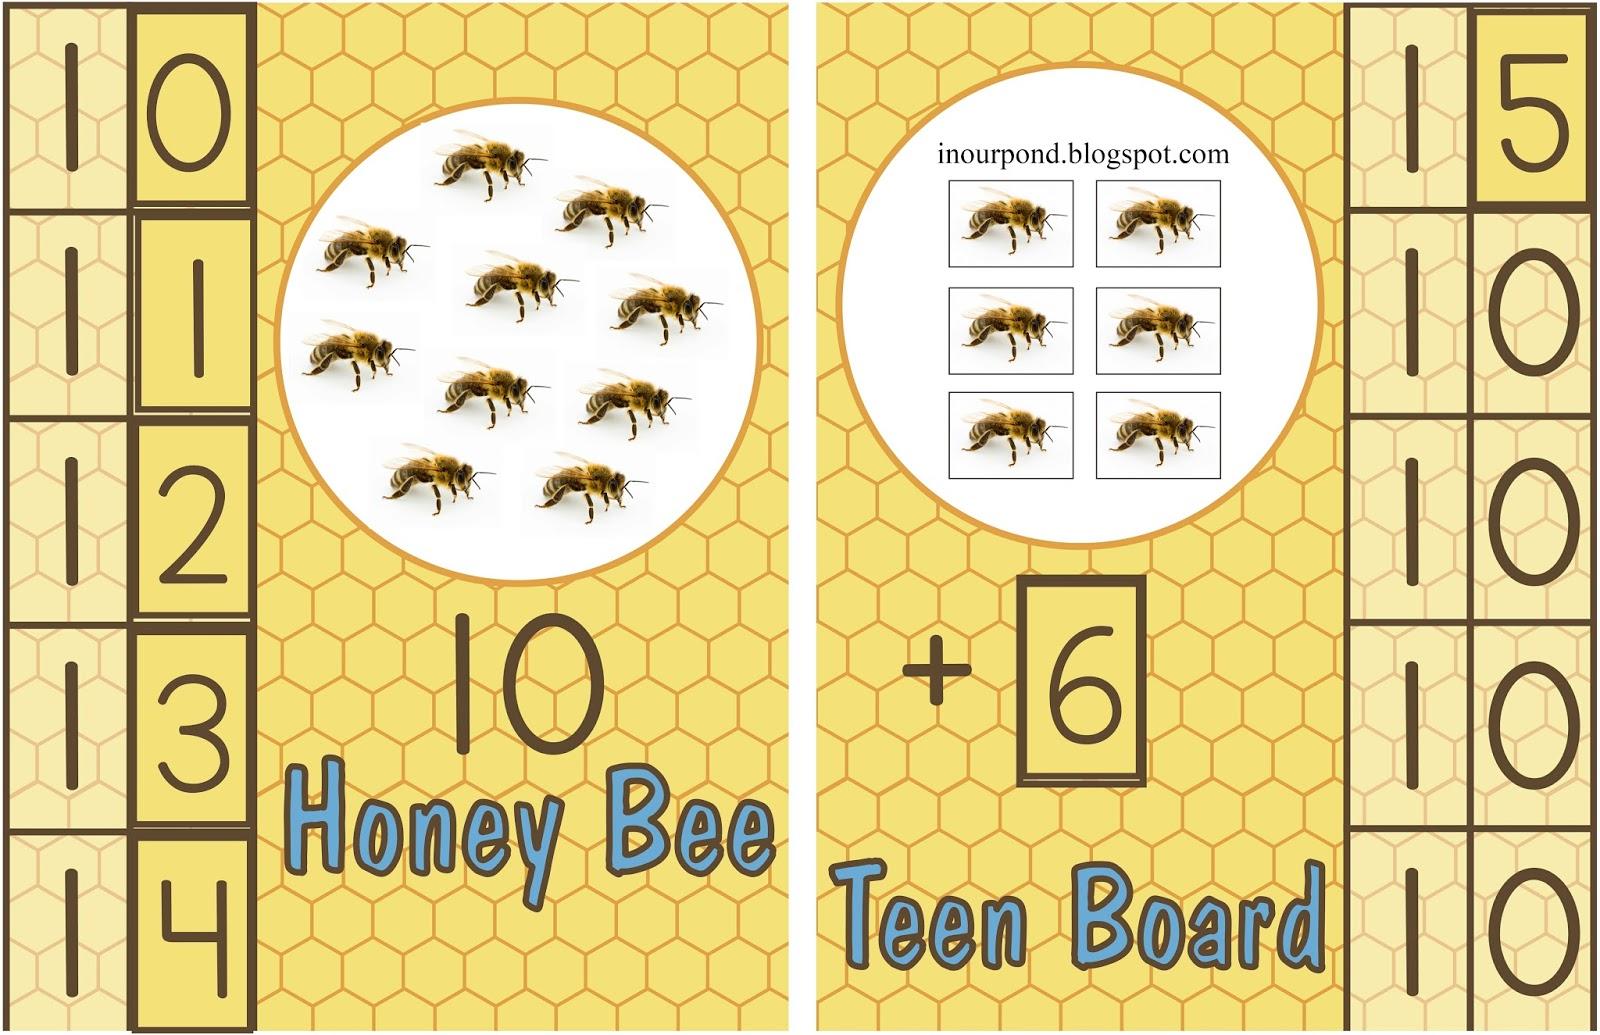 Honey Bee Teen Board